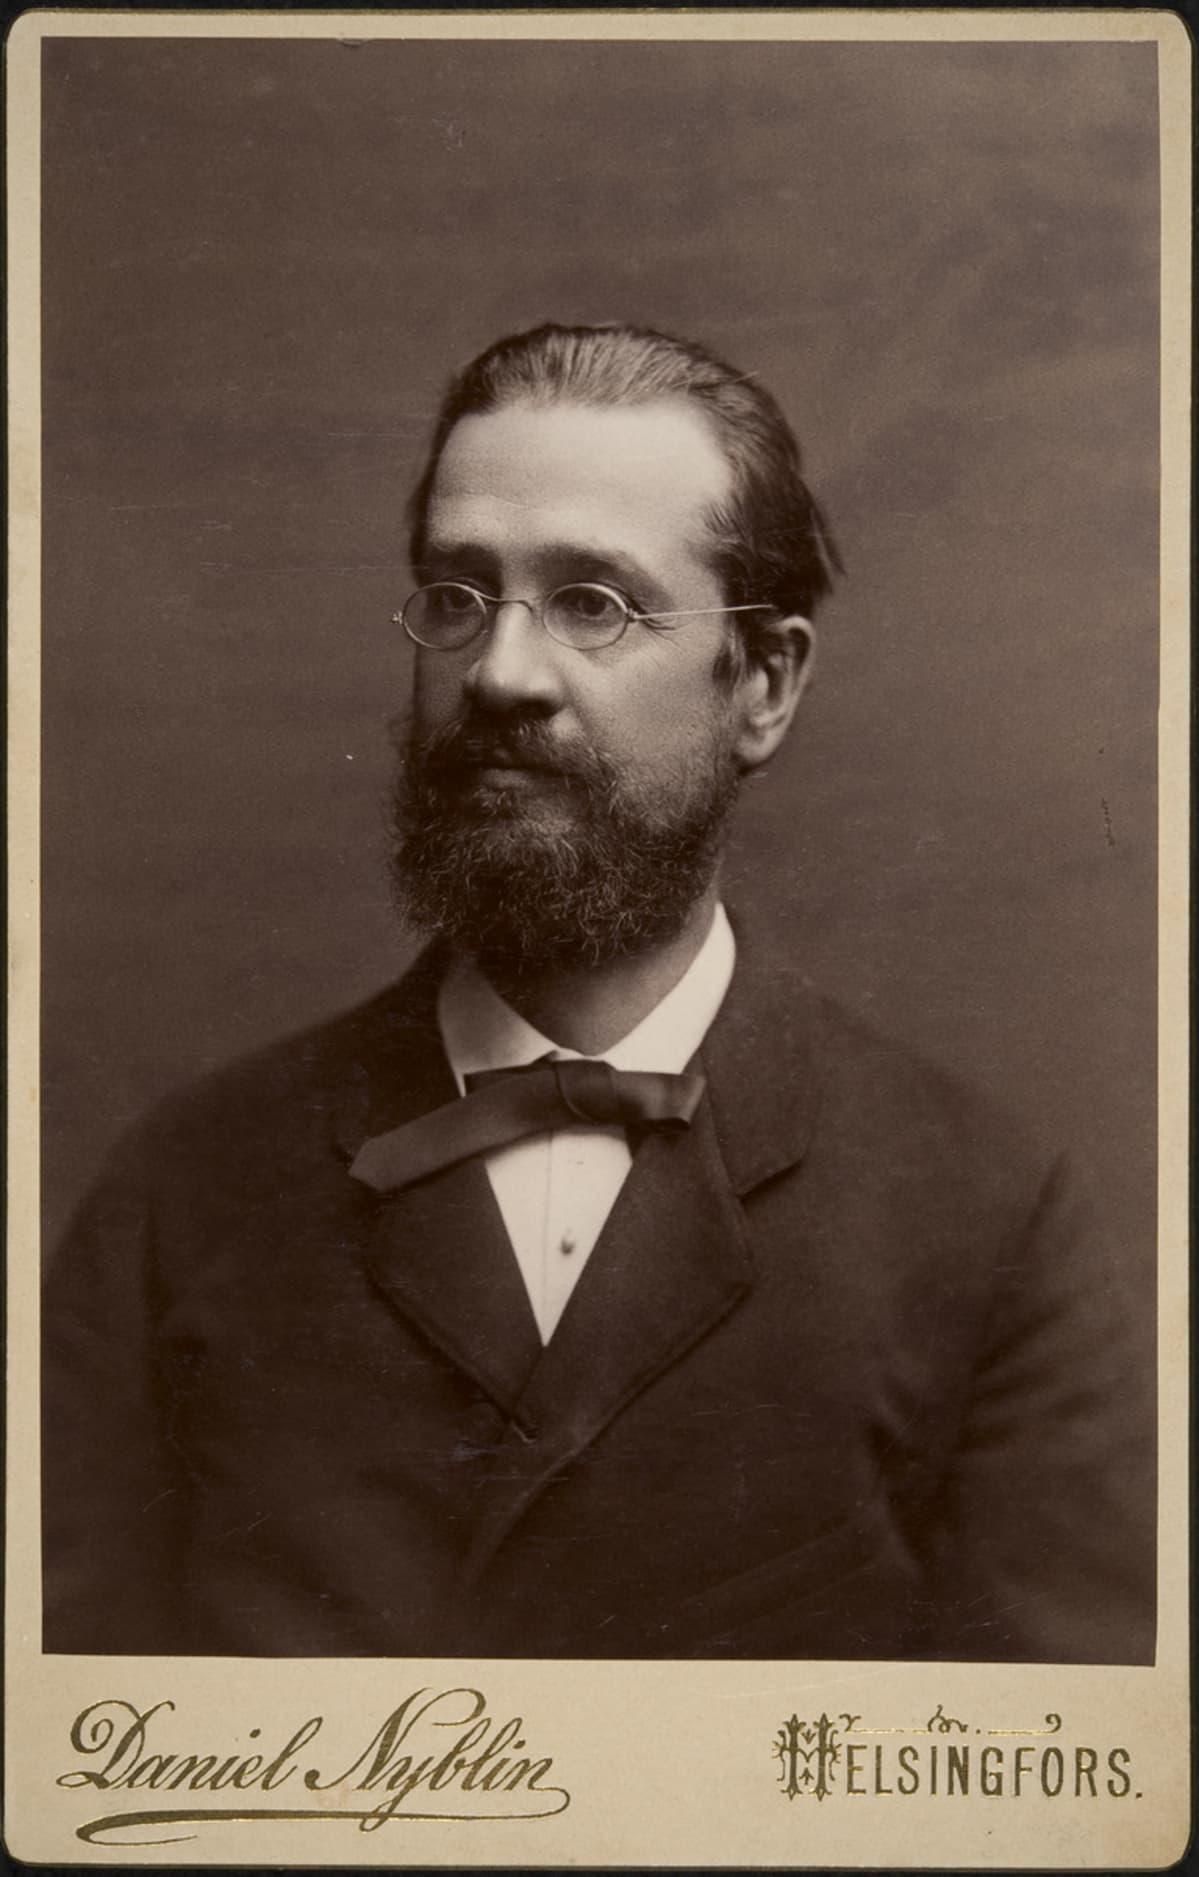 Daniel Nyblin